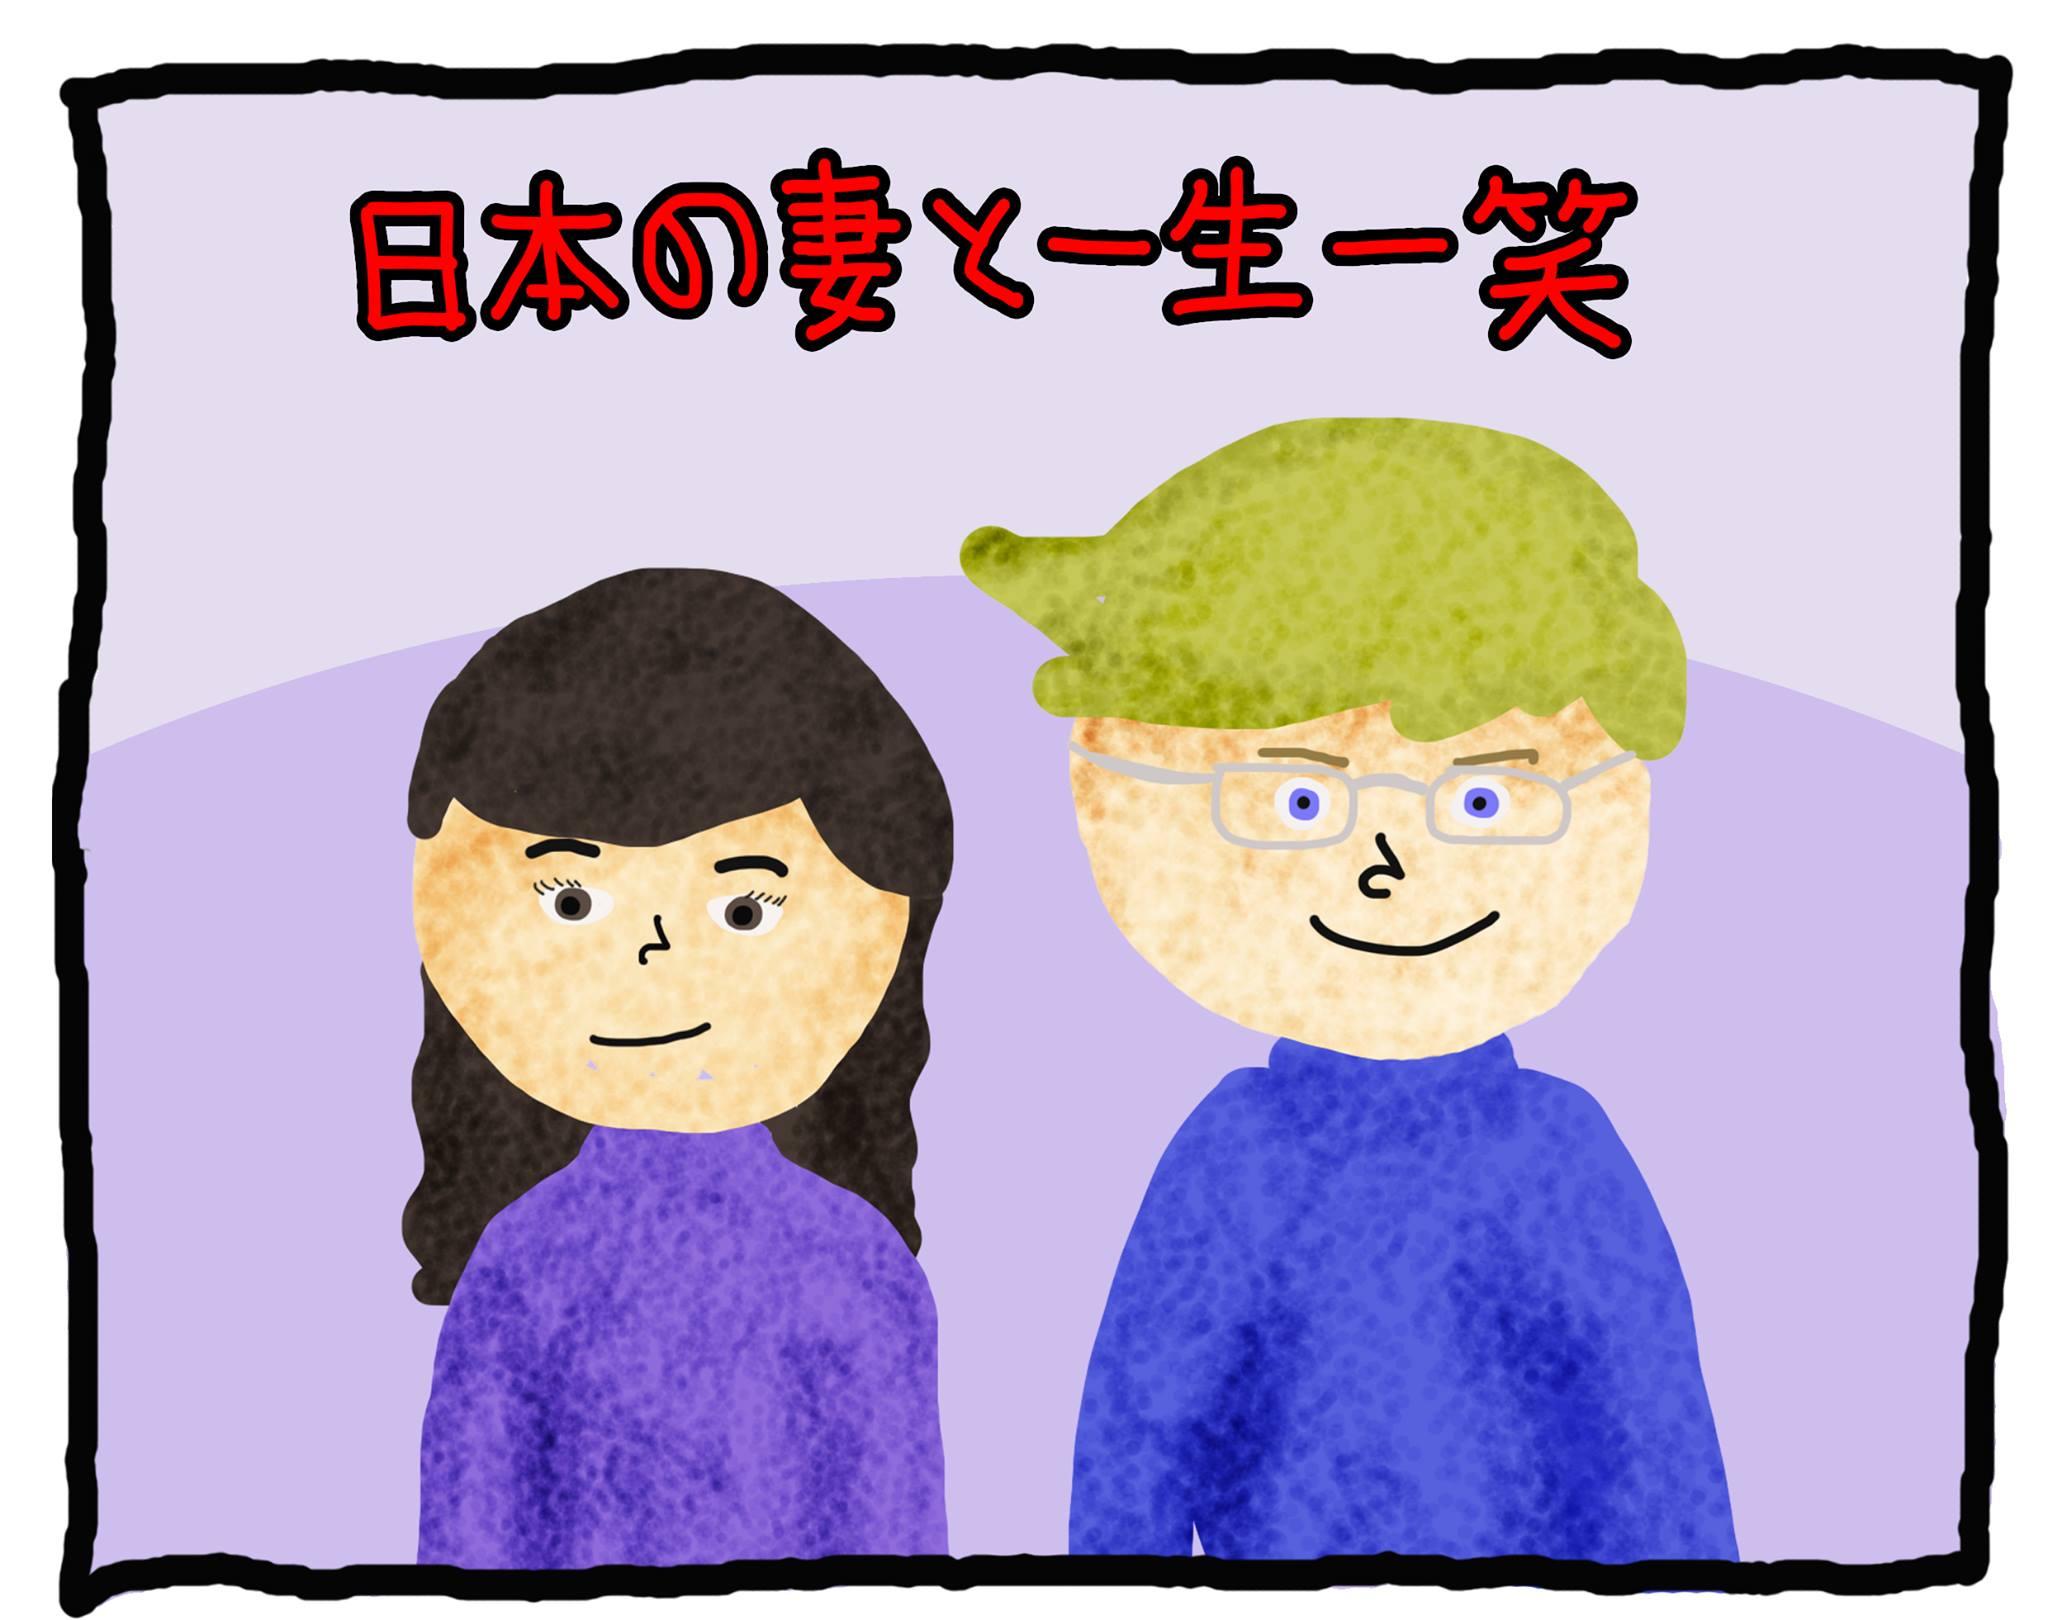 日本の妻と一生一笑!僕の妻はこんな日本人女性